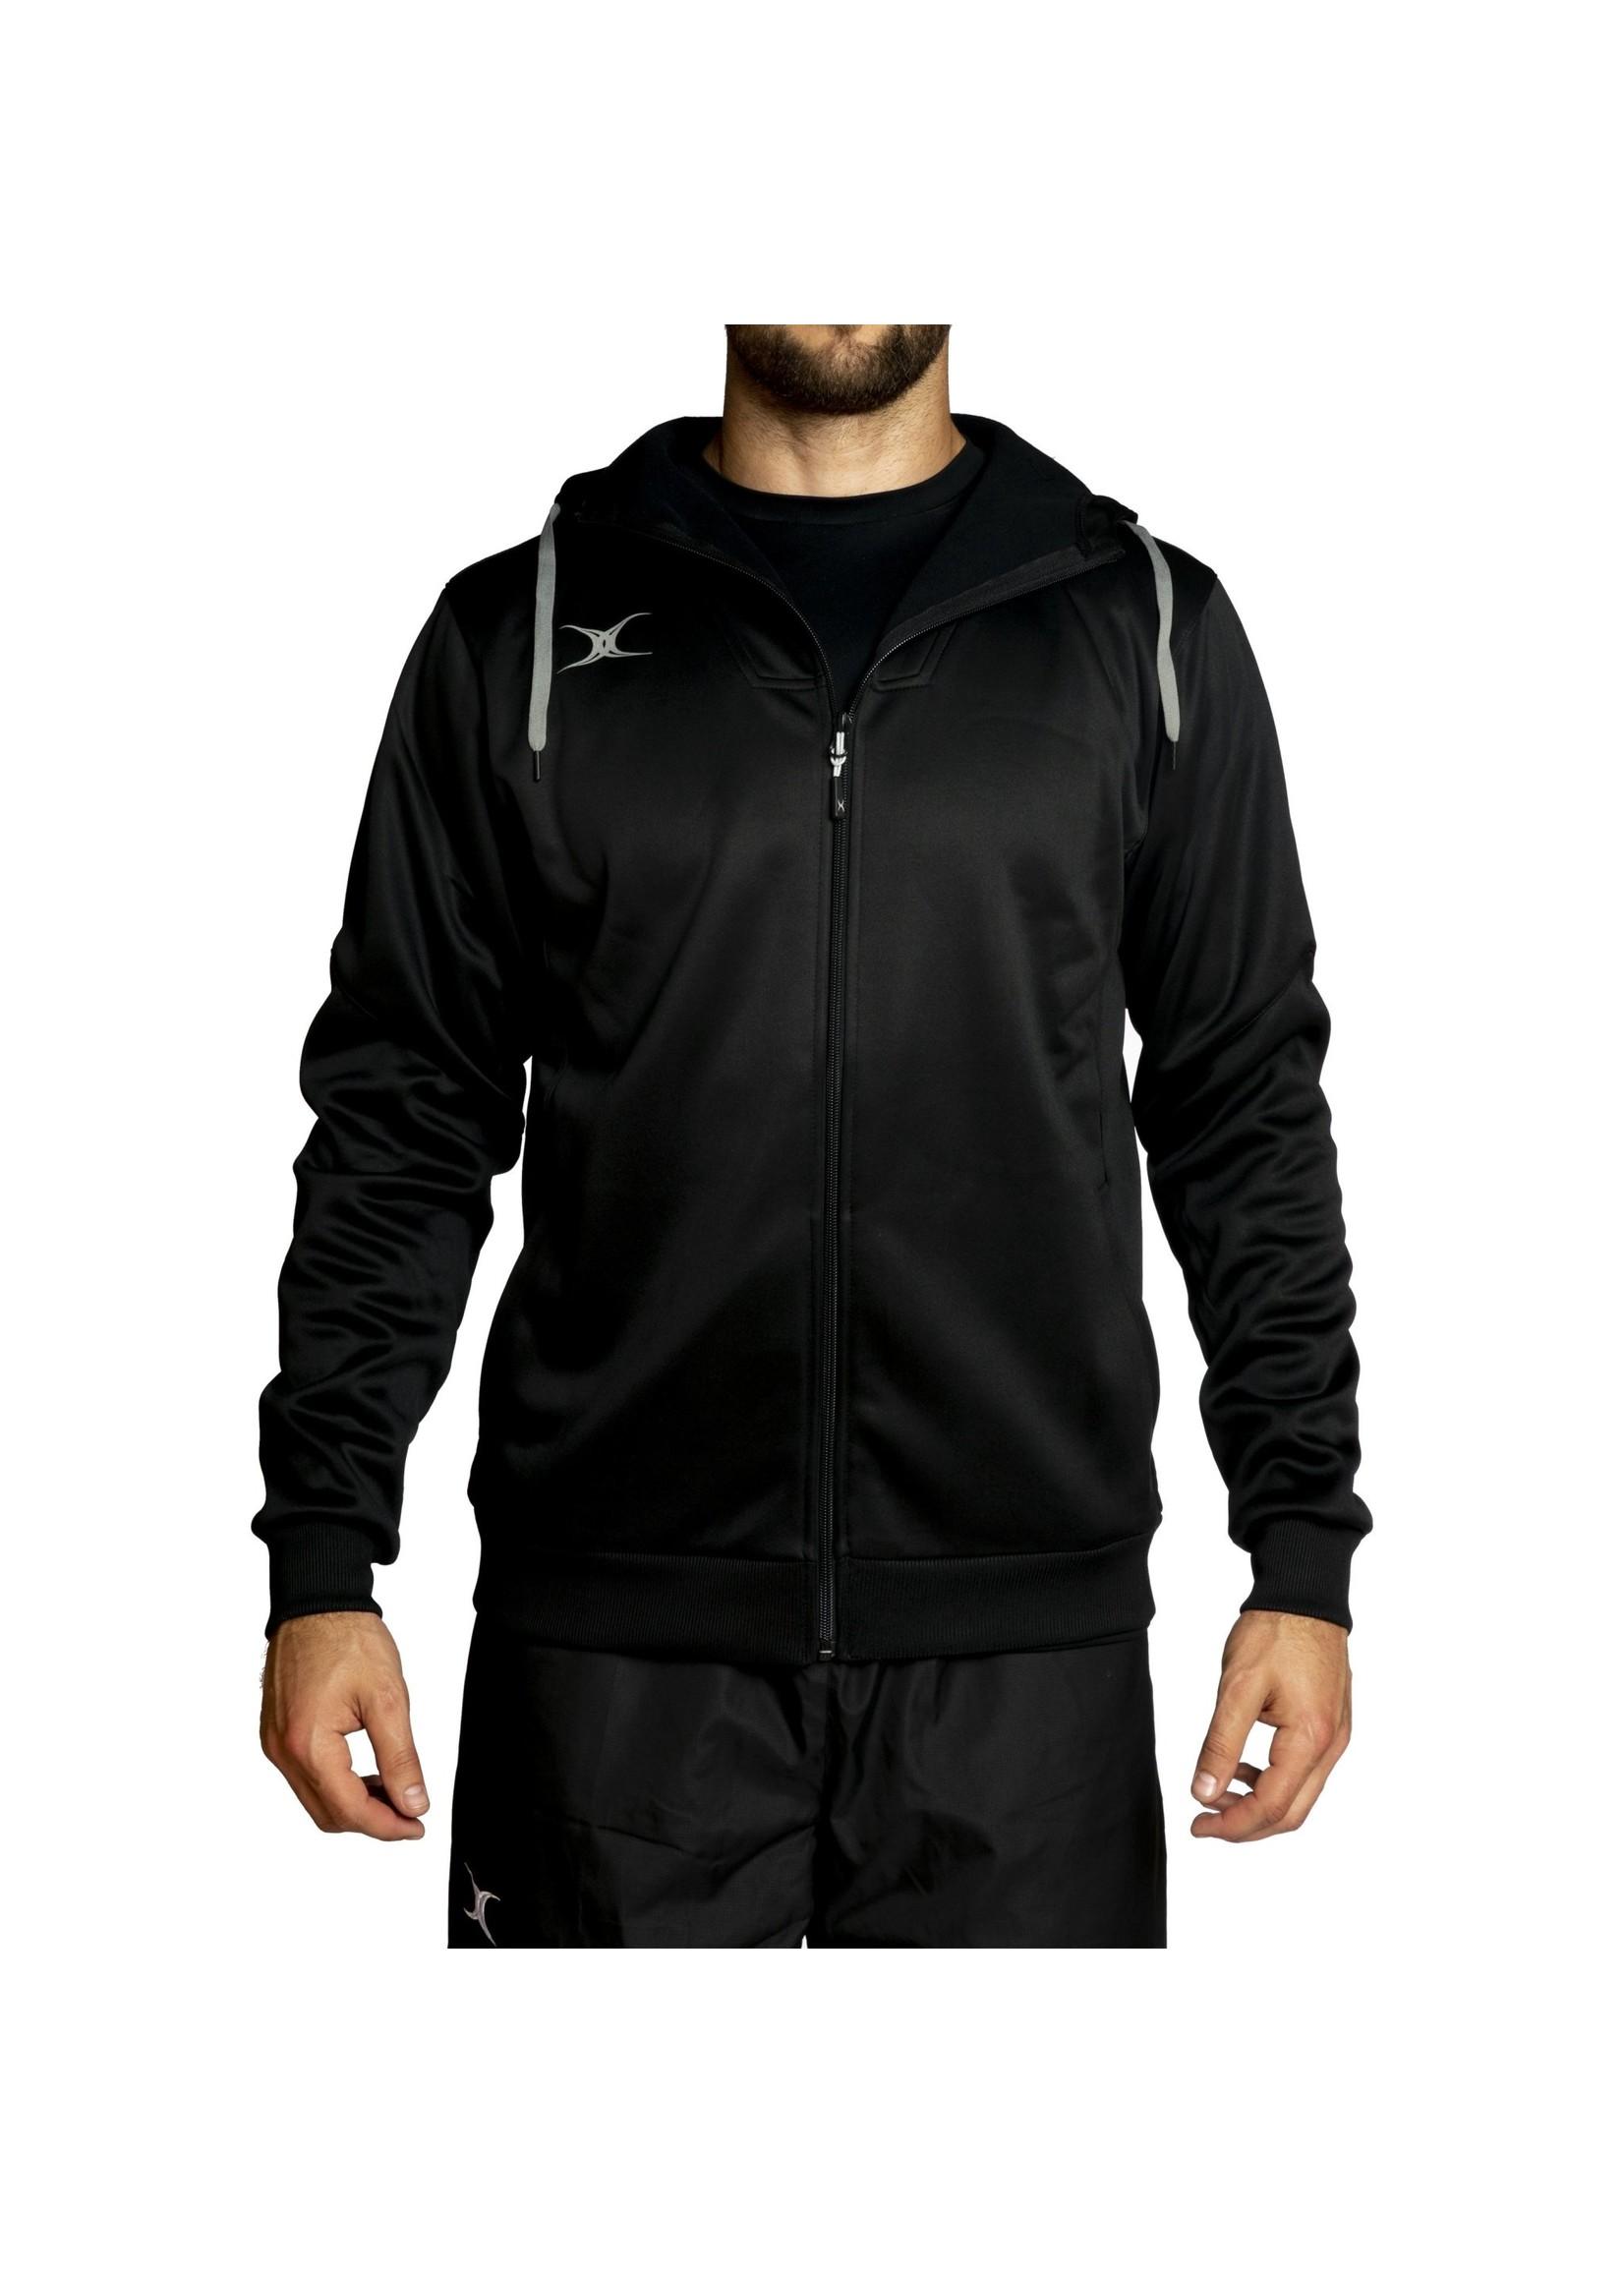 Gilbert Gilbert Jacket Pro Tech Hood FZ, Black